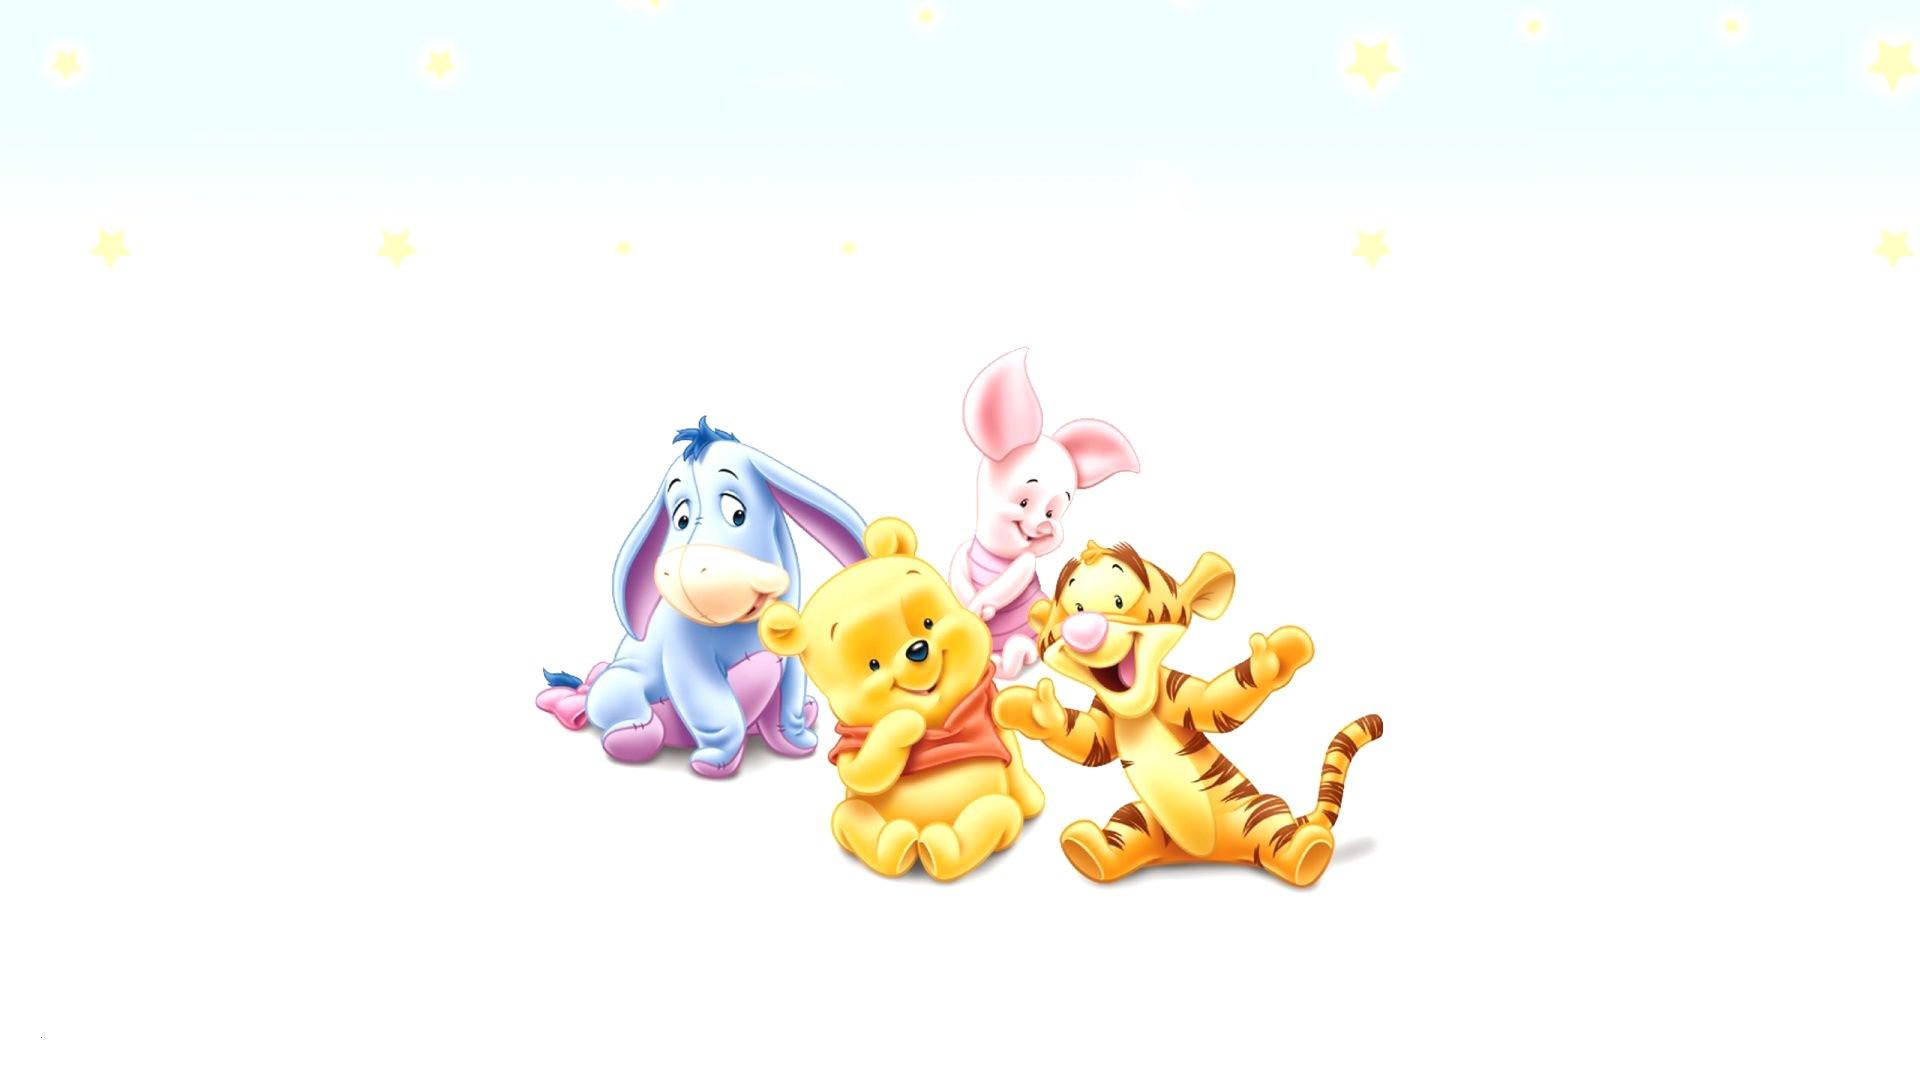 Winni Pooh Ausmalbilder Neu tolle 24 Tapete Winnie Pooh Design Ideen Frisch Winni Pooh Fotografieren